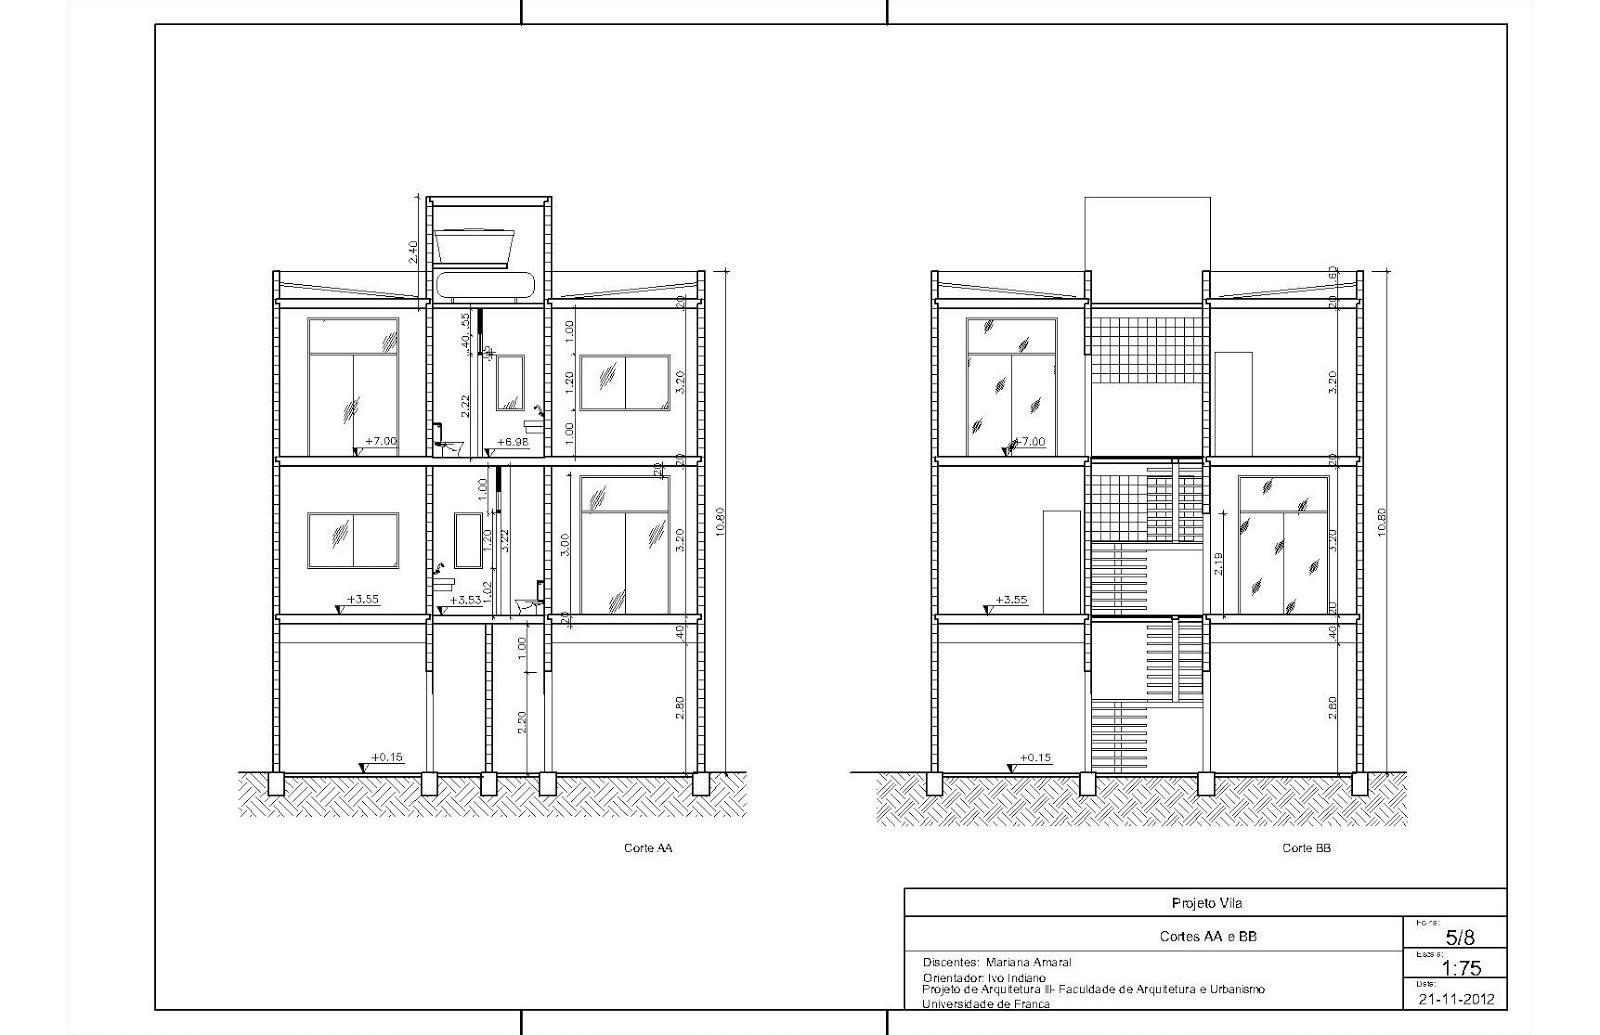 Imagens de #3C3C3C Mariana Amaral Arquitetura: Projeto Final 1600x1035 px 3432 Bloco Cad Banheiro Corte